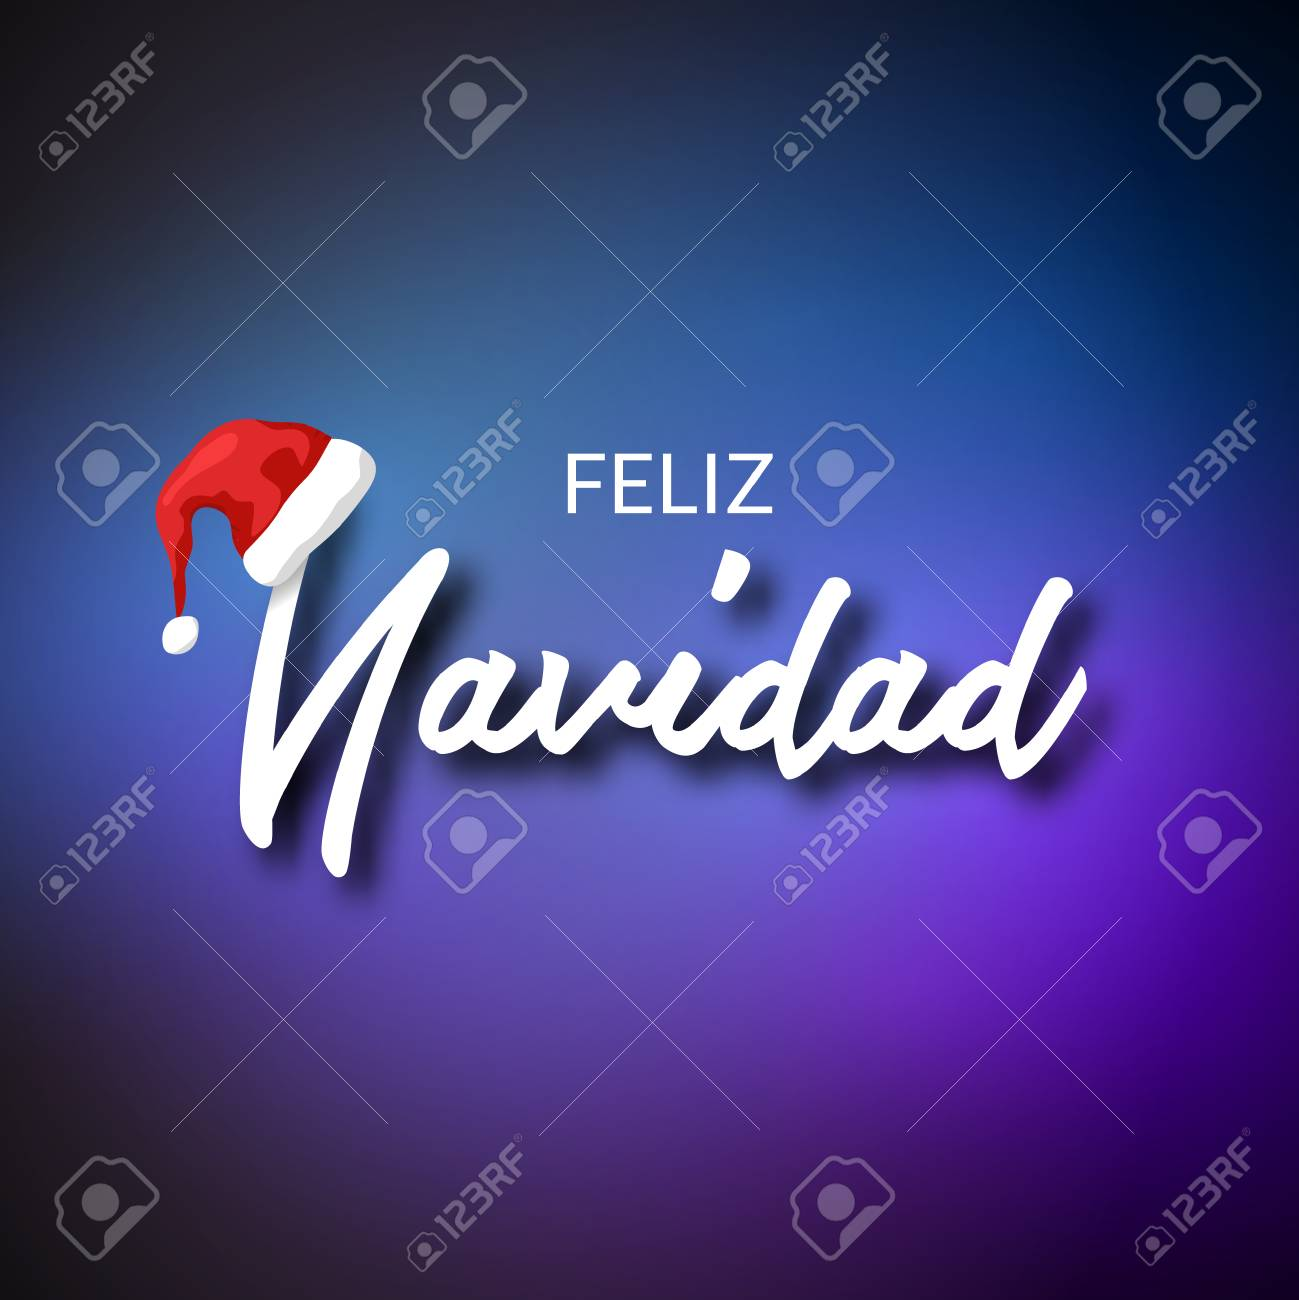 Feliz Navidad Merry Christmas Card Template With Greetings In